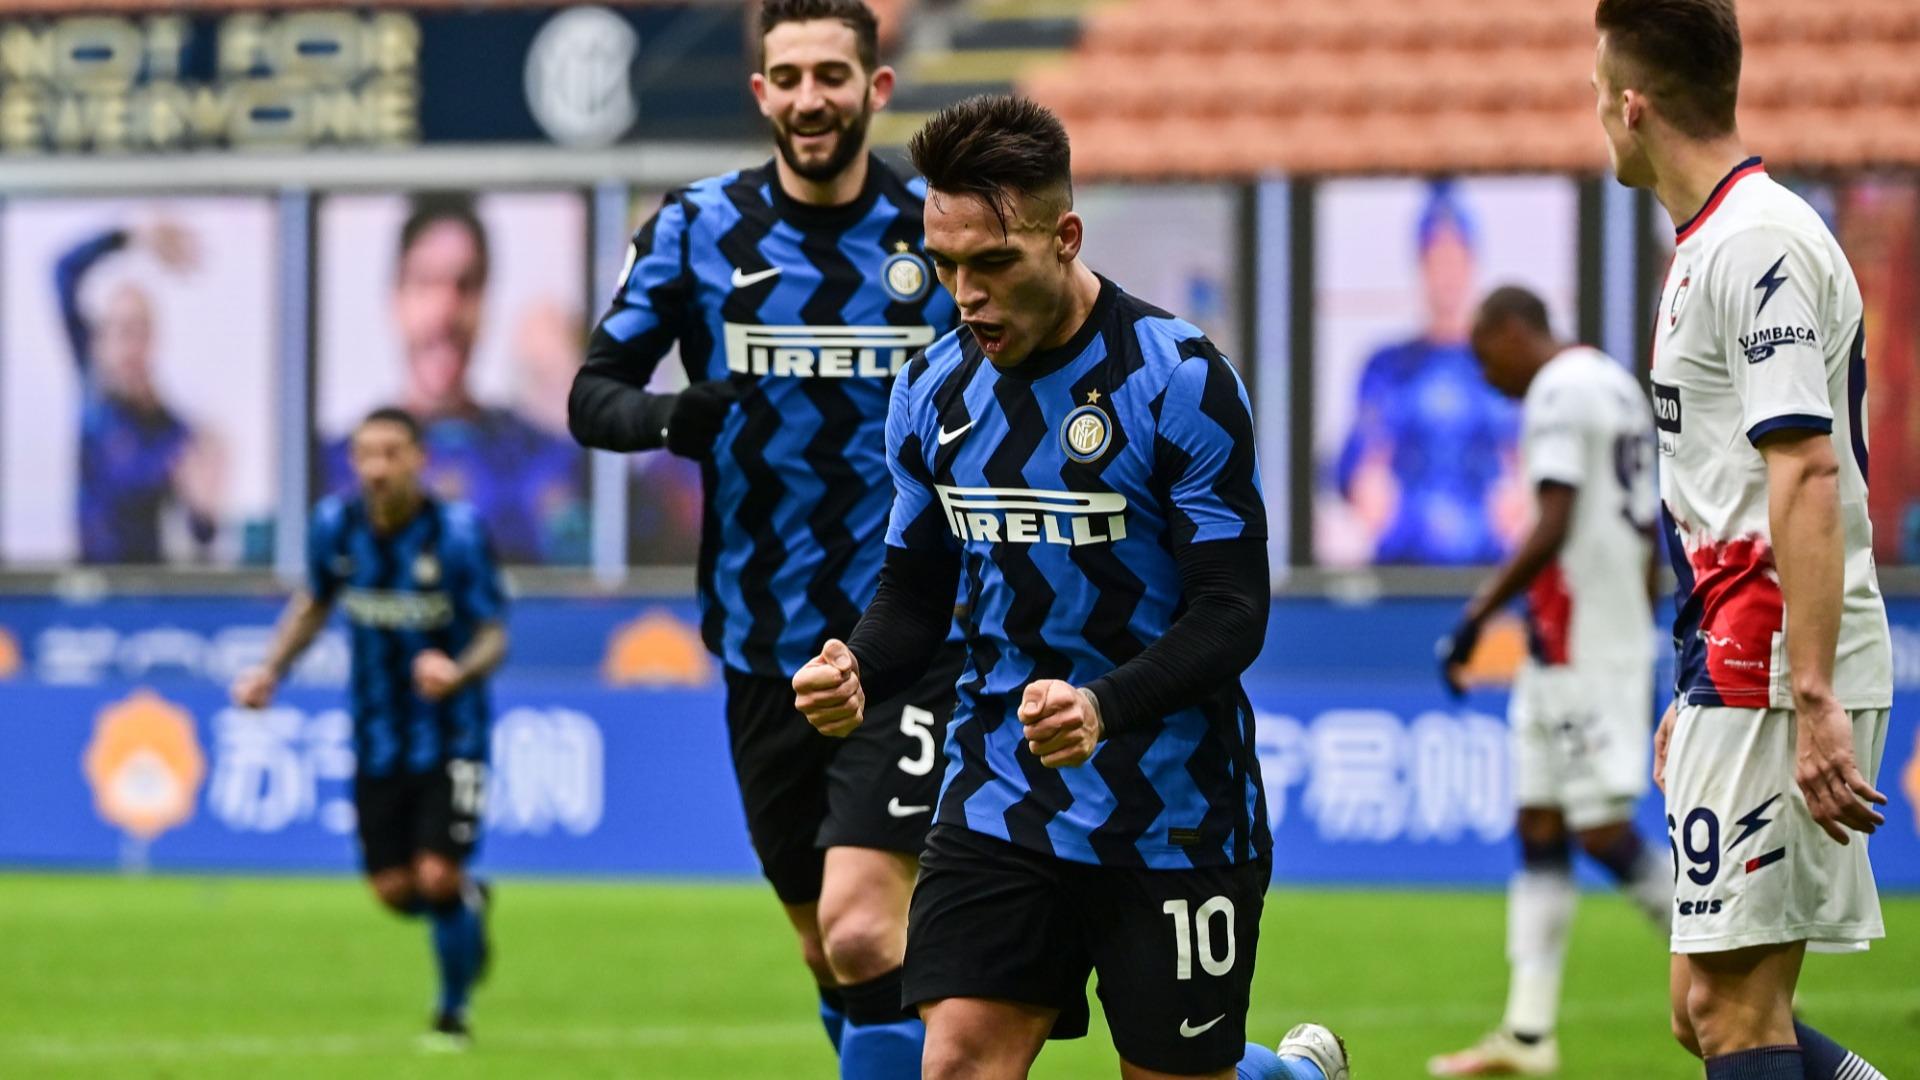 Inter 6-2 Crotone - Serie A report: Lautaro Martinez leads Nerazzurri to  fifth straight success | Goal.com